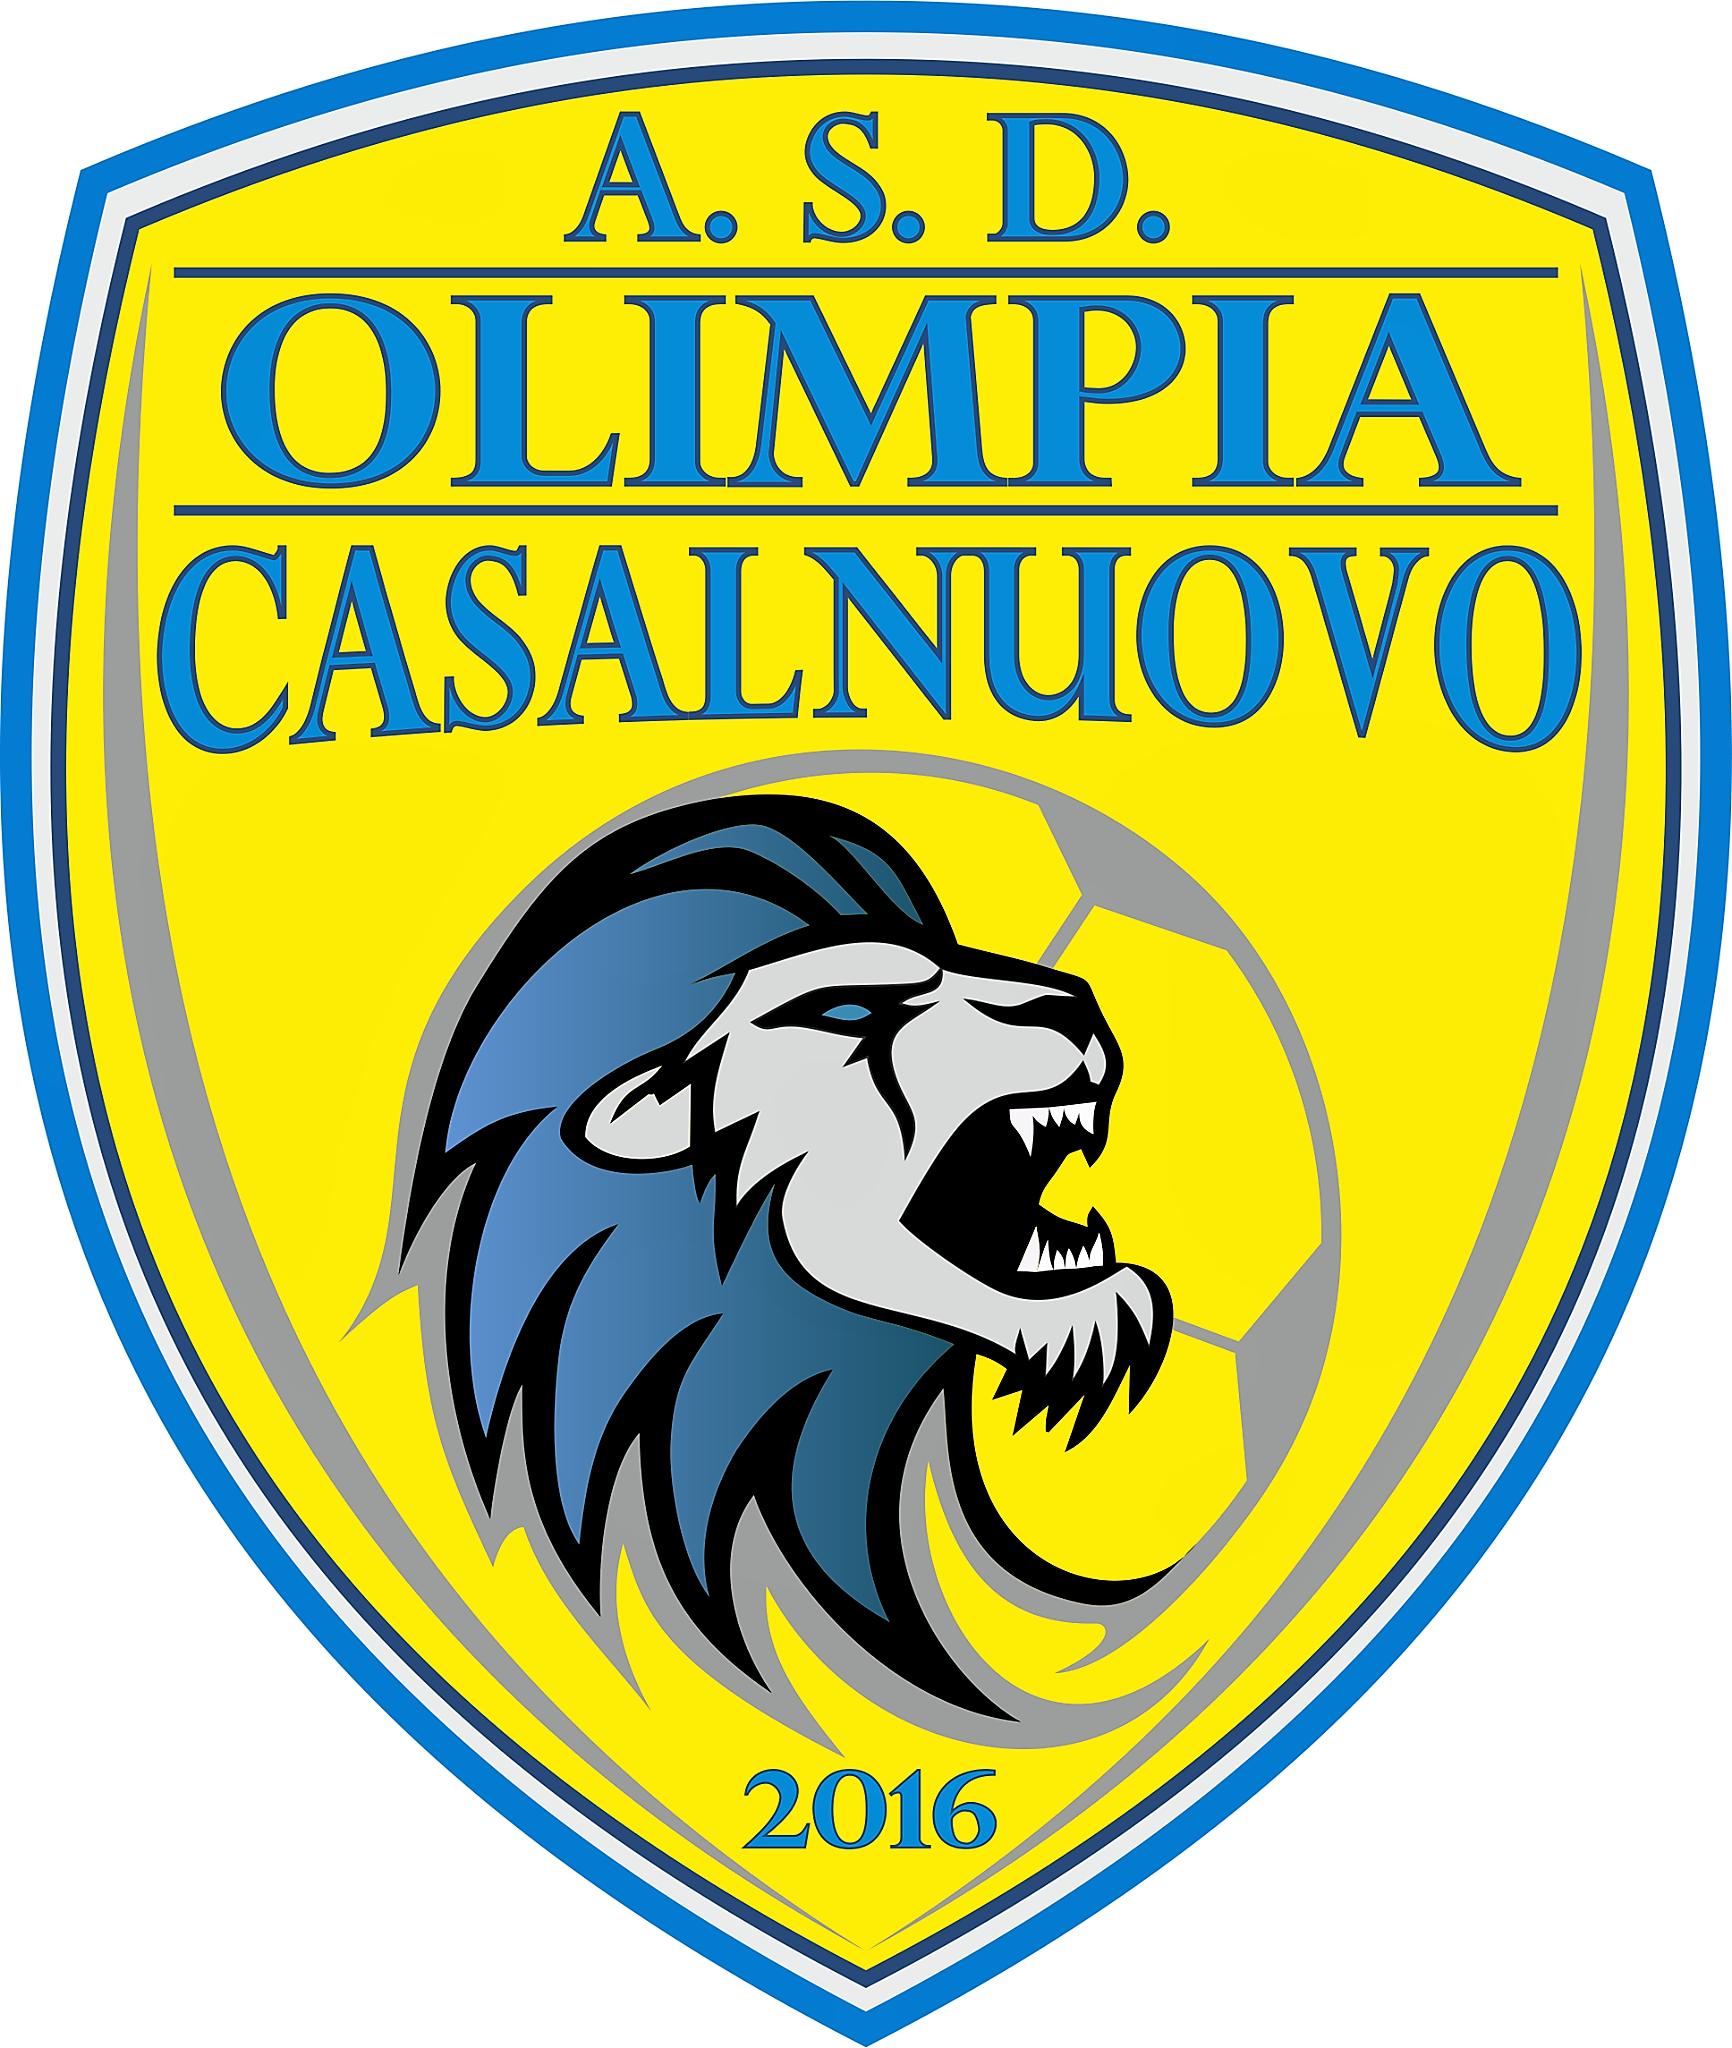 Calciomercato | Olimpia Casalnuovo: arriva un rinforzo in difesa, acquistato Carlino